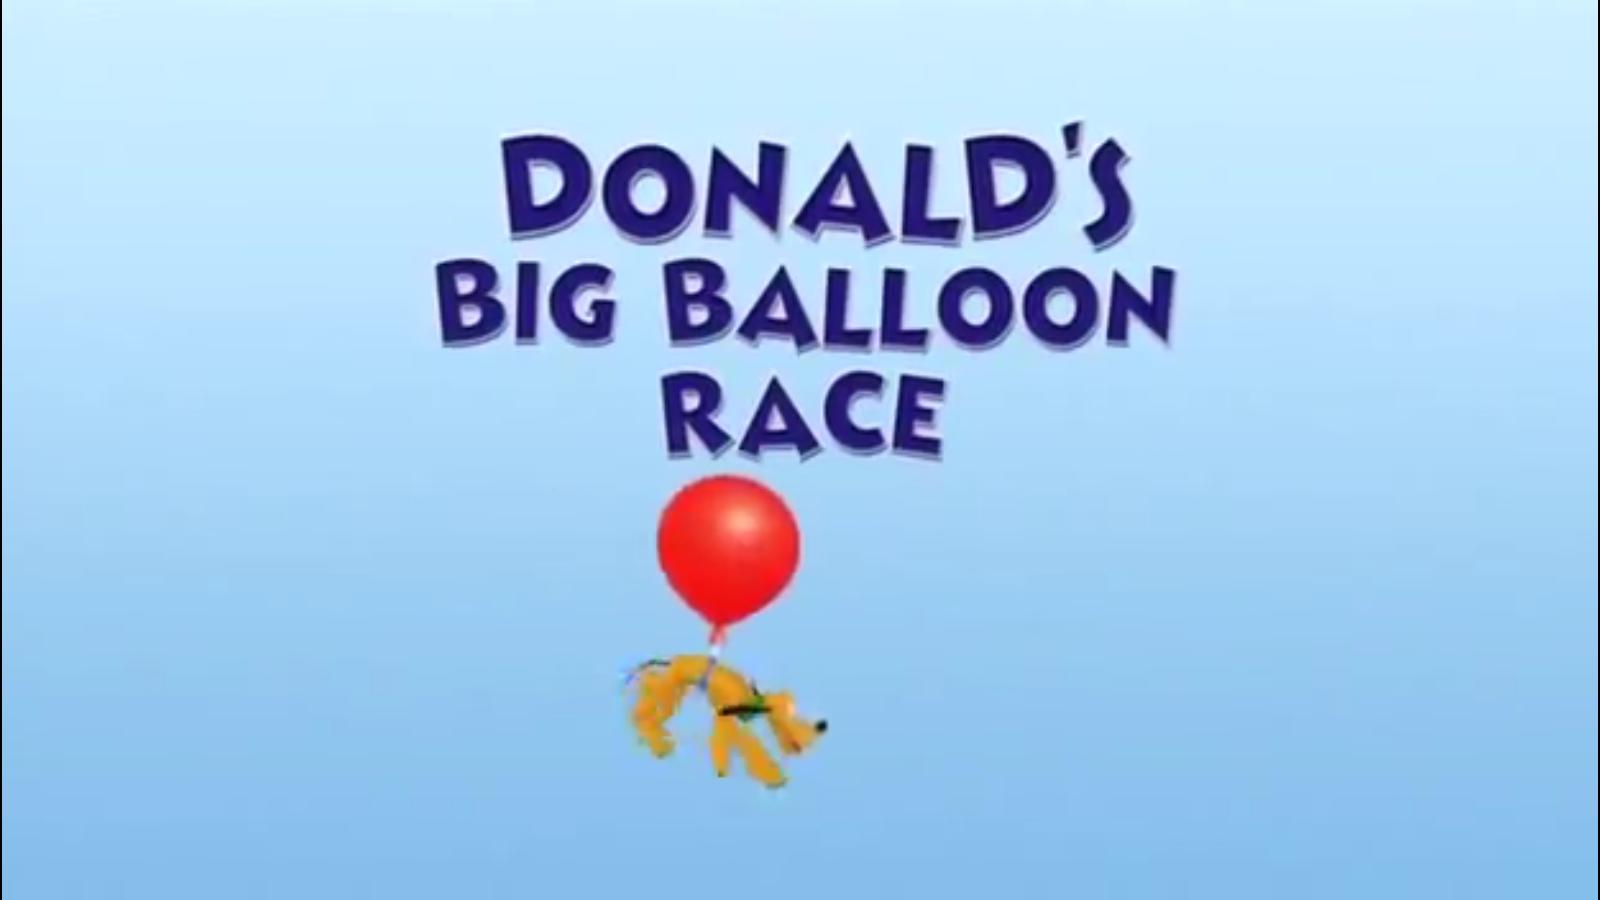 A Grande Corrida de Balões do Donald